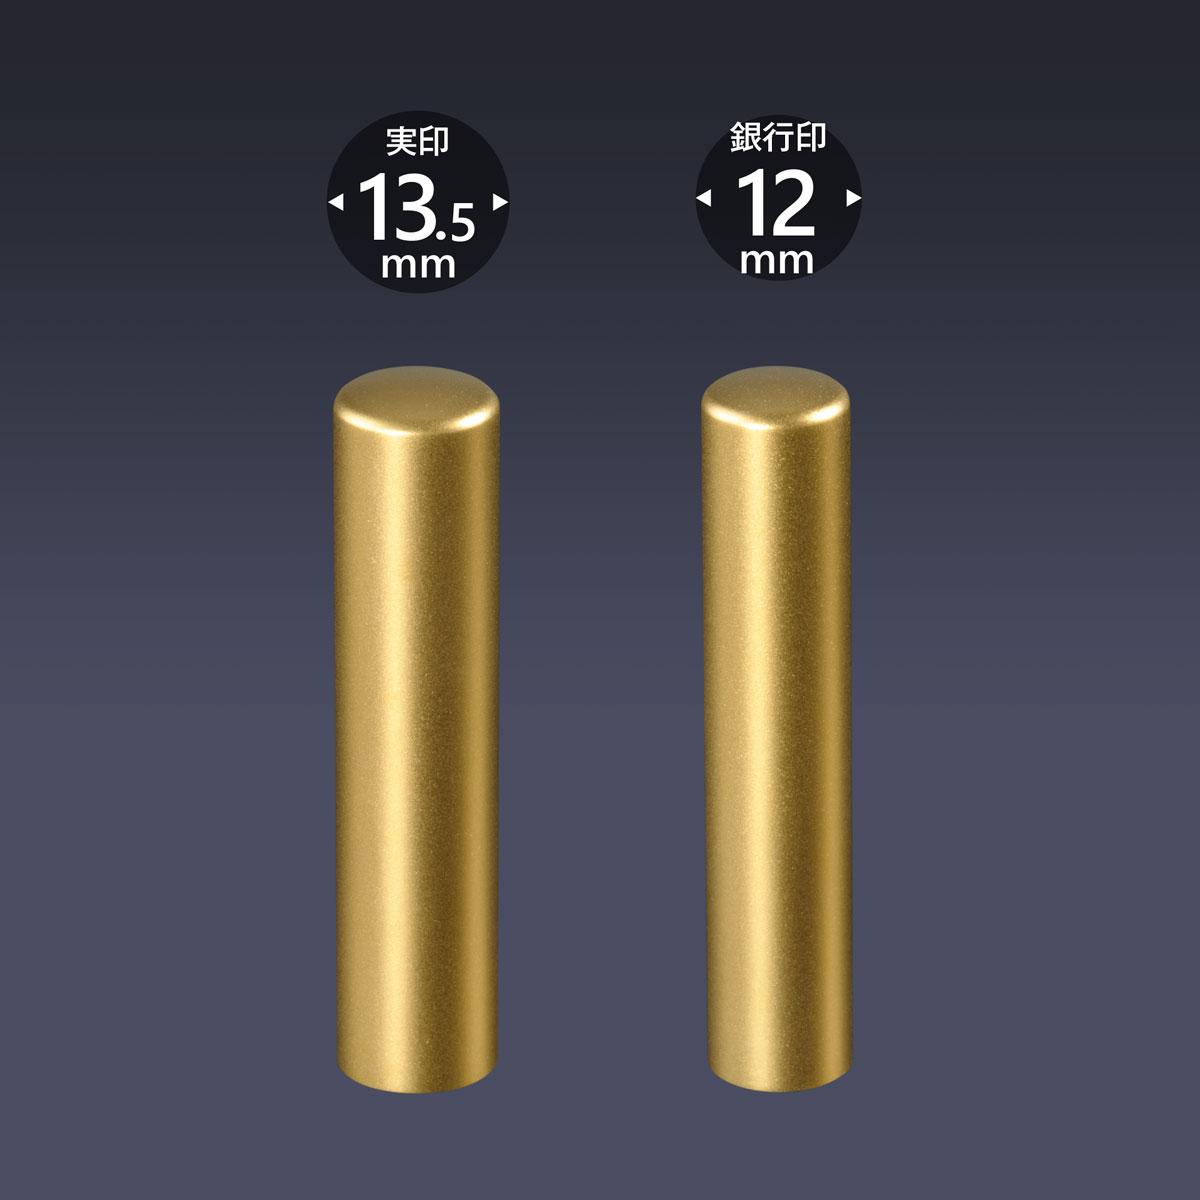 個人印 ブラストチタン(ゴールド) 2本Sセット/送料無料 女性 印鑑 男性 実印 銀行印 認印 はんこ 判子 プレゼント ギフト